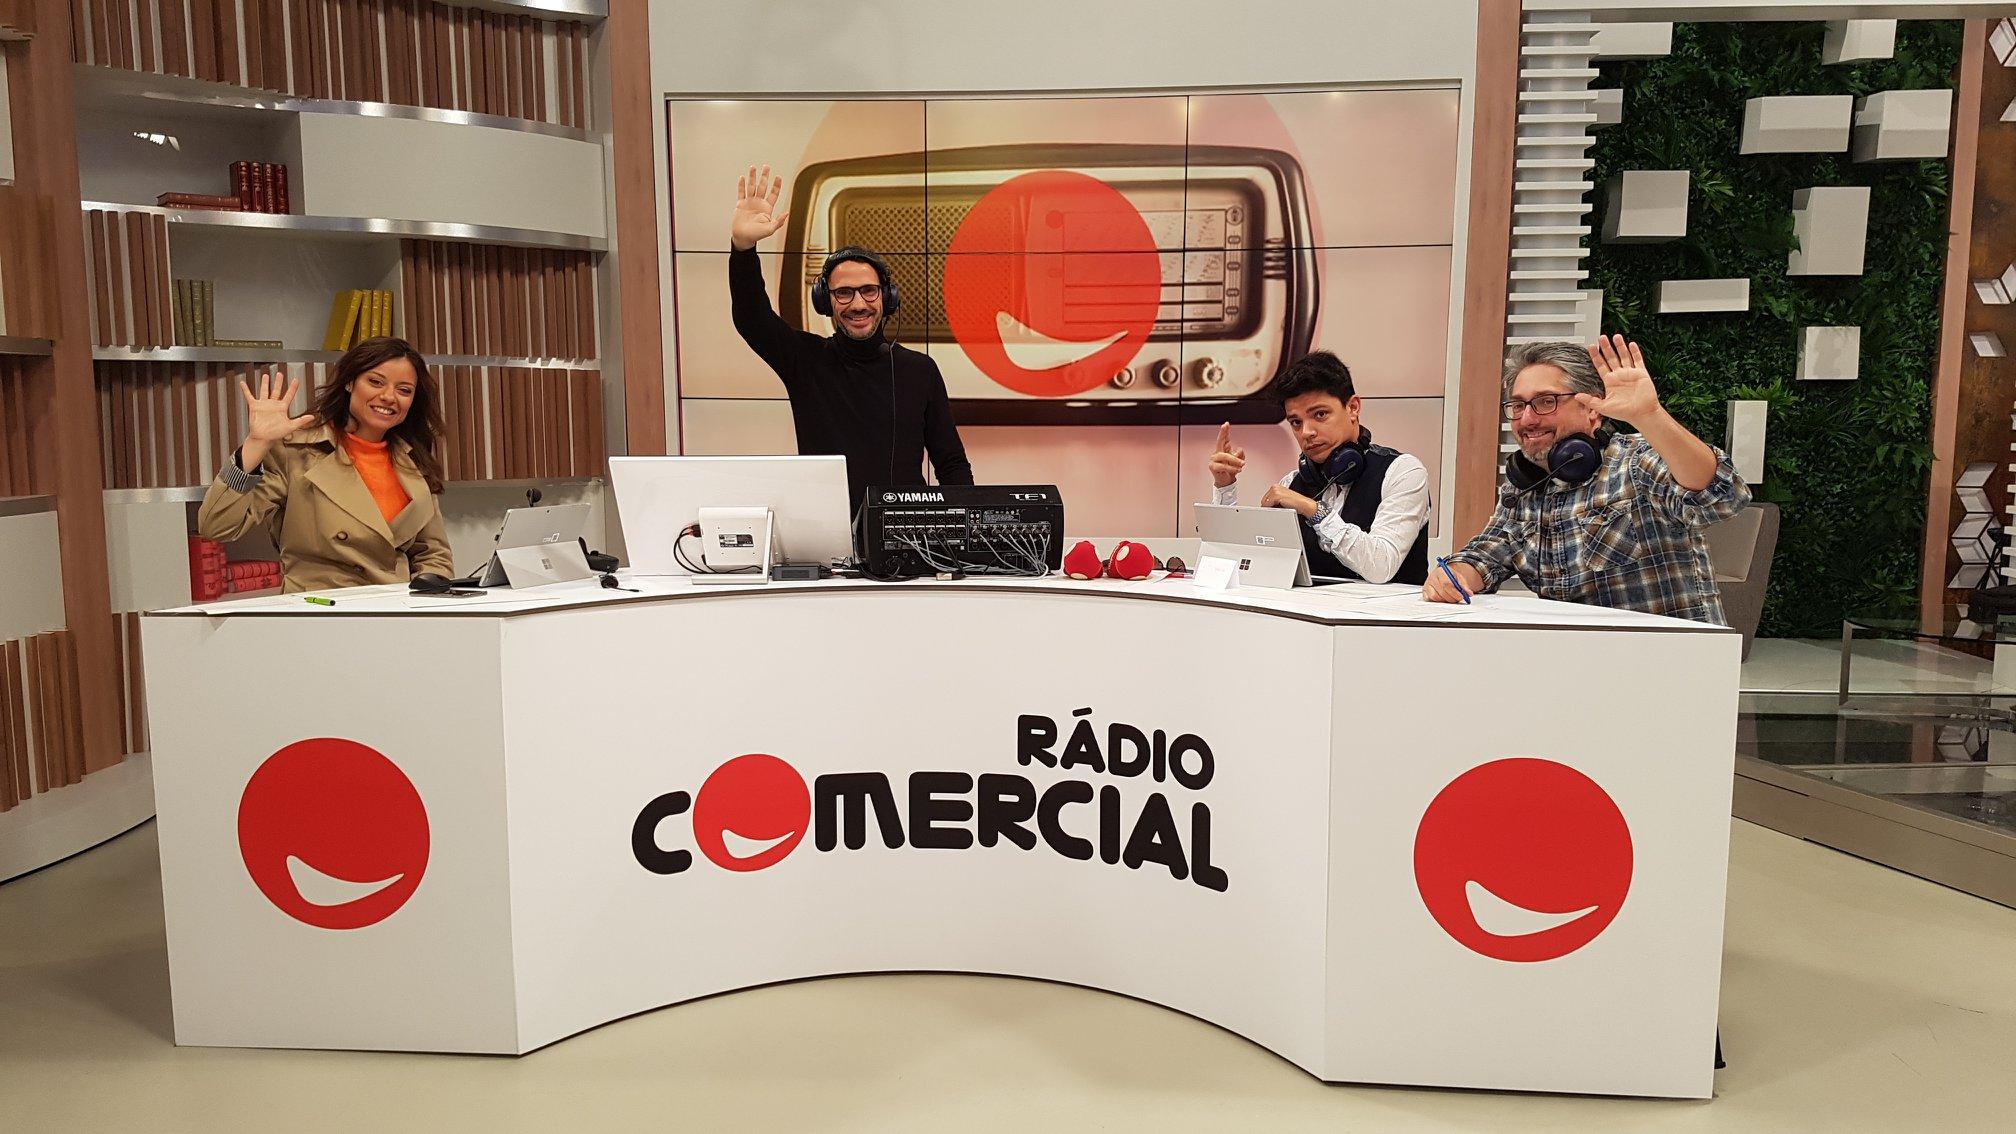 rádio comercial você na tv1 Rádio Comercial joga na Final Four